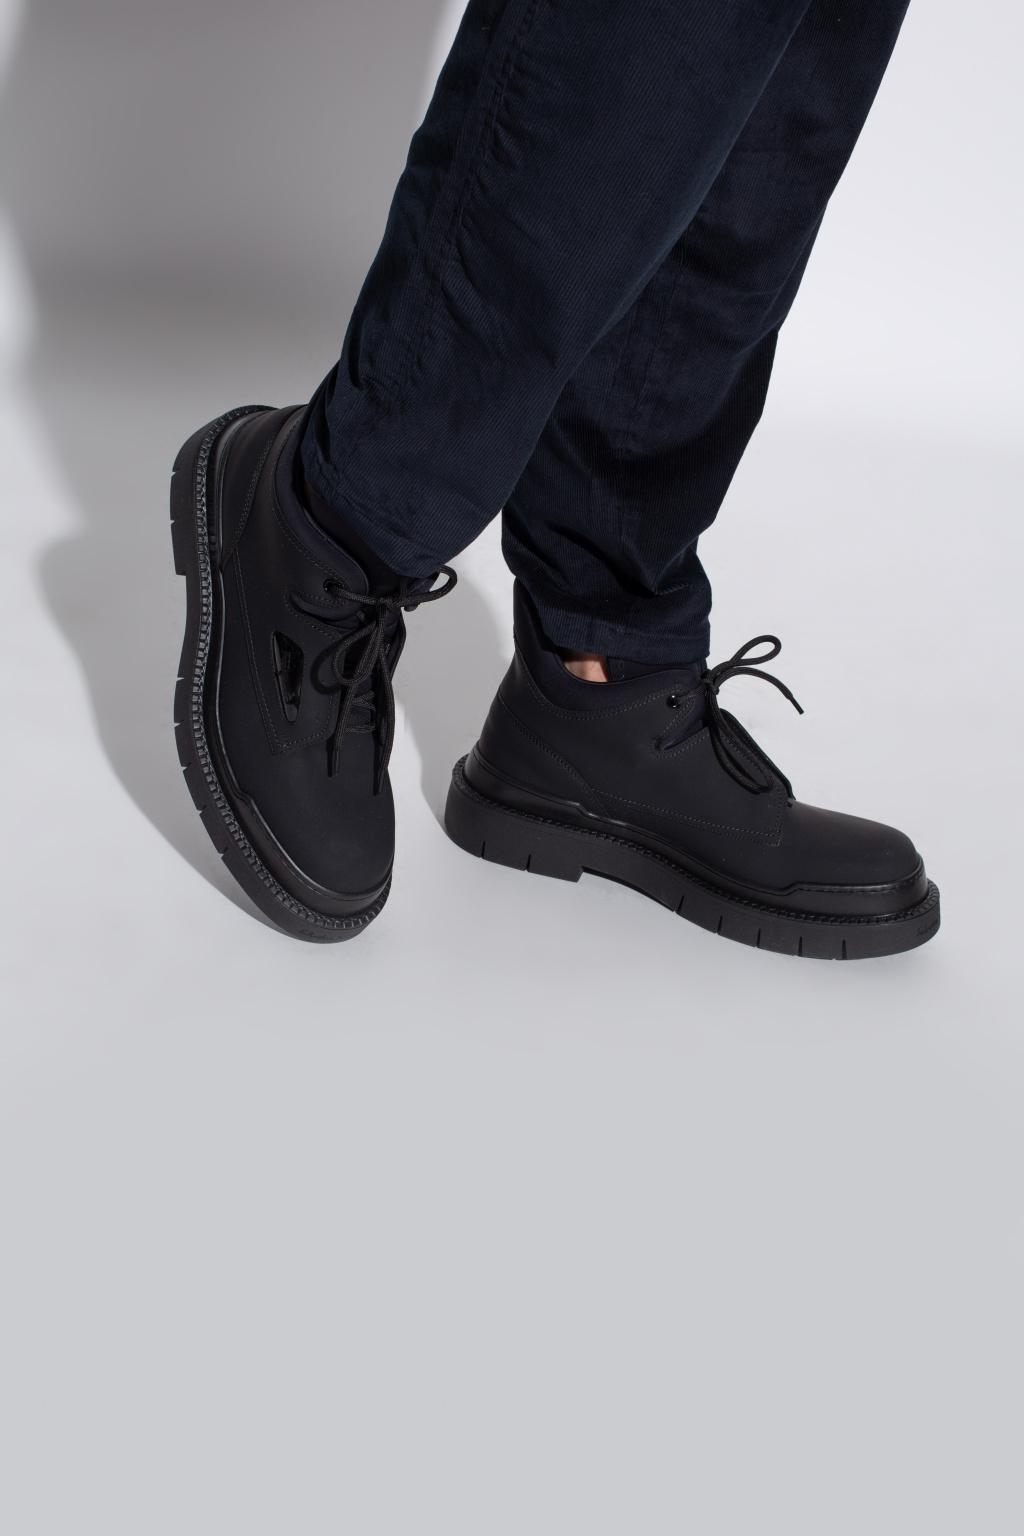 Salvatore Ferragamo 'Neji' ankle boots